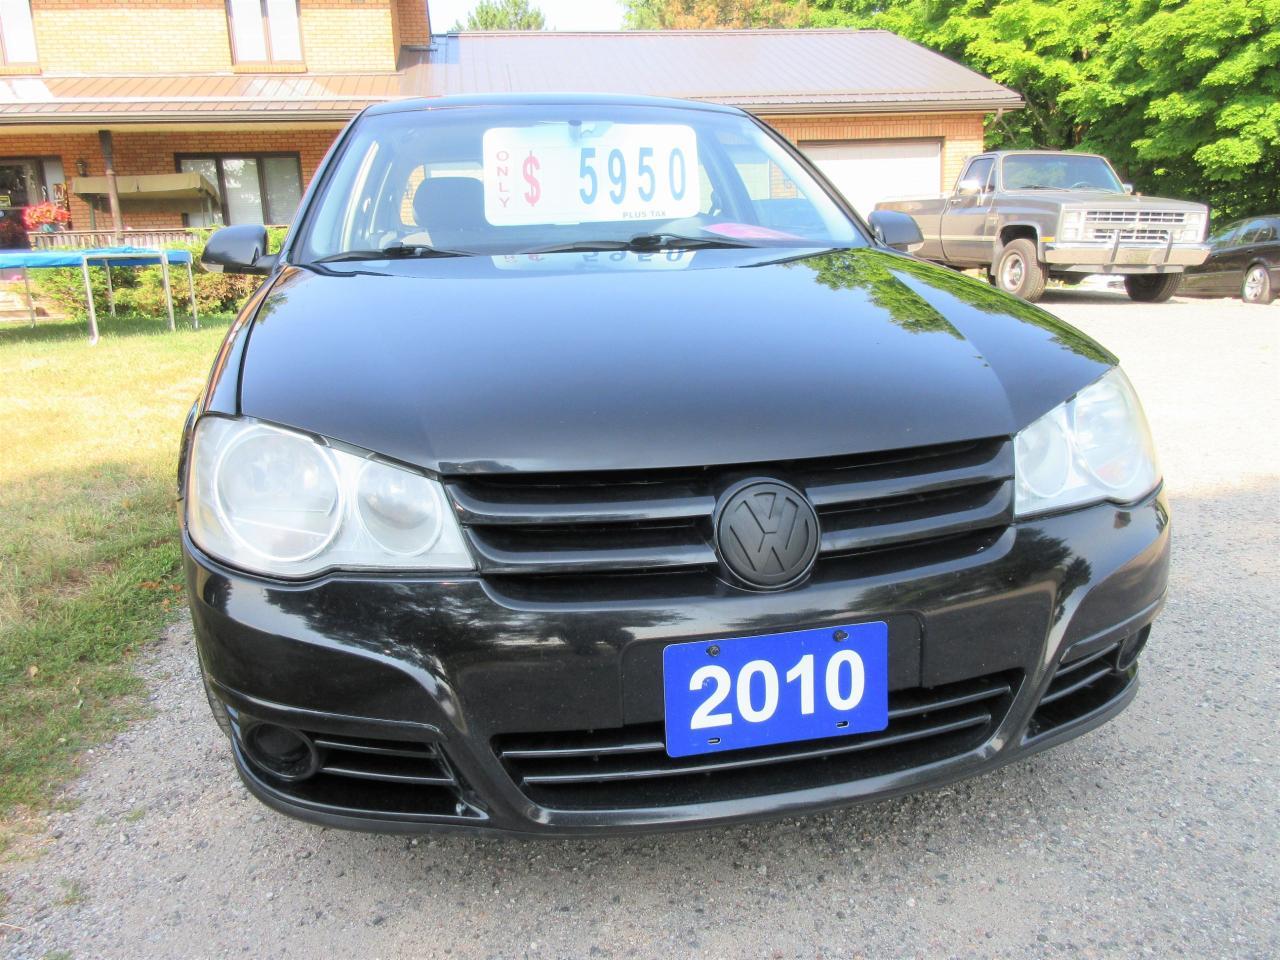 2010 Volkswagen City Golf